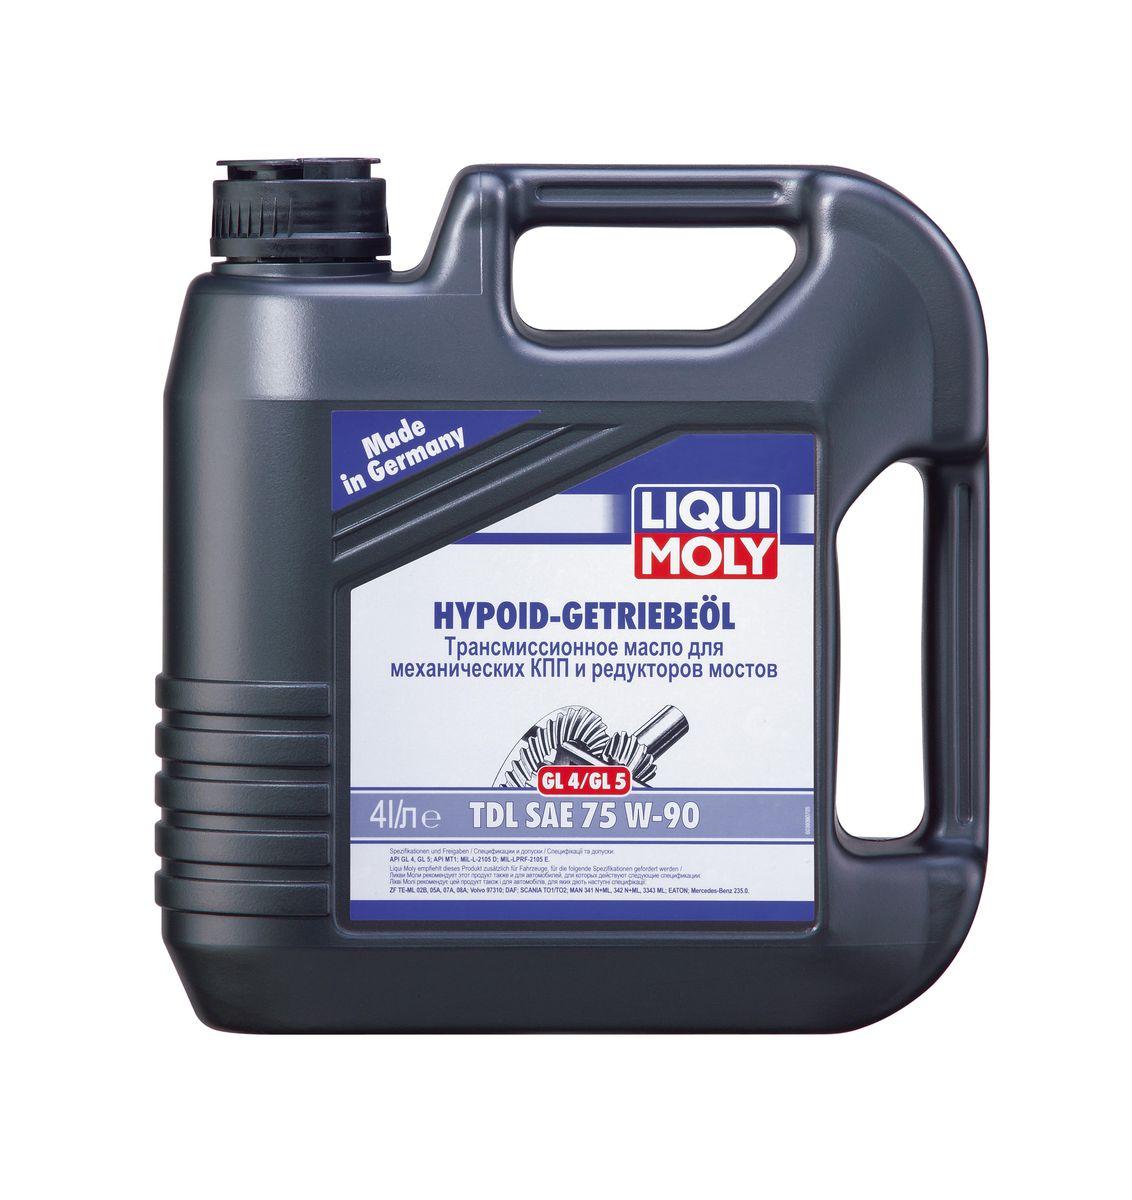 Масло трансмиссионное Liqui Moly Hypoid-Getriebeoil TDL, полусинтетическое, 75W-90, GL-4/GL-5, 4 л10503Масло трансмиссионное Liqui Moly Hypoid-Getriebeoil TDL относится к классификации TDL - Total Drive Line - один сорт масла для всех узлов трансмиссии. Отвечает требованиям международных классификаций трансмиссионных масел для механических коробок передач и гипоидных редукторов ведущих мостов. Полусинтетическое трансмиссионное масло класса GL-4/GL-5 предназначено для использования в механических коробках передач легковых и грузовых автомобилей, раздаточных коробках, гипоидных редукторах ведущих мостов. Масло обеспечивает четкое переключение передач и надежную защиту от износа. В масле Hypoid-Getriebeoil TDL 75W-90 используются высококачественные синтетические и минеральные базовые компоненты, отличающиеся отличной стойкостью к старению. Масло содержит специальный пакет присадок, обеспечивающий одновременно высочайшие защитные свойства и совместимость с материалами синхронизаторов. Особенности: - Имеет широкий температурный диапазон применения- Исключает возможность ошибки при выборе правильного типа смазочного материала- Имеет отличную вязкостную и температурную стабильность- Обеспечивают высокую устойчивость к нагрузкам и снижение износаДопуск: -API: GL-4/GL-5/MT-1-MIL-L: 2105 D-MIL-PRF: 2105 EСоответствие: -Eaton: Eaton-ZF: TE-ML 12E/TE-ML 16B/TE-ML 17B/TE-ML 19B-DAF: DAF-MAN: 341 Typ Z1/342 Typ M2/M 3343 Typ M-Scania: STO 1:0-Volvo: 97310 90000 km